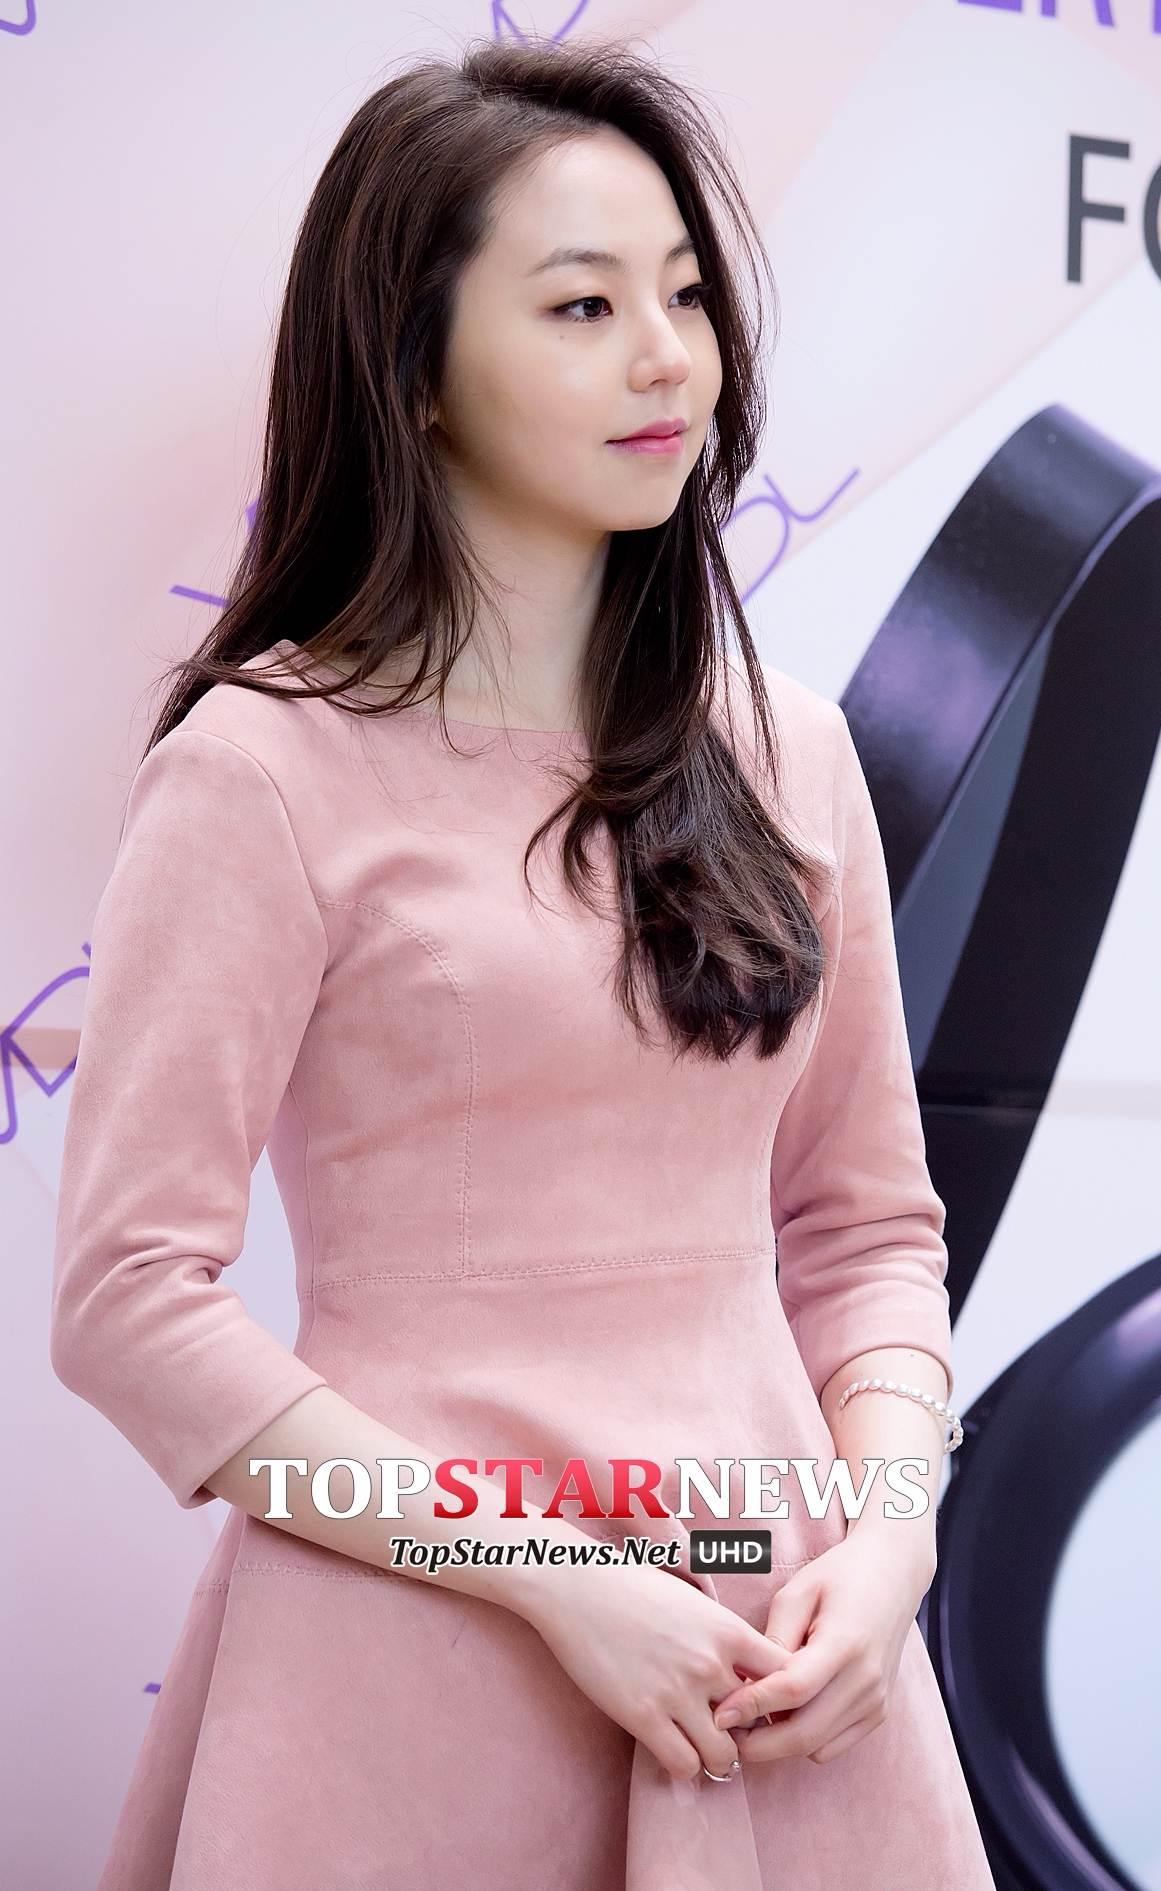 今天(5/20)也有報導指出安昭熙也將出演這部戲劇,飾演一位人氣女演員-安昭熙,並以徐康俊的初戀登場!